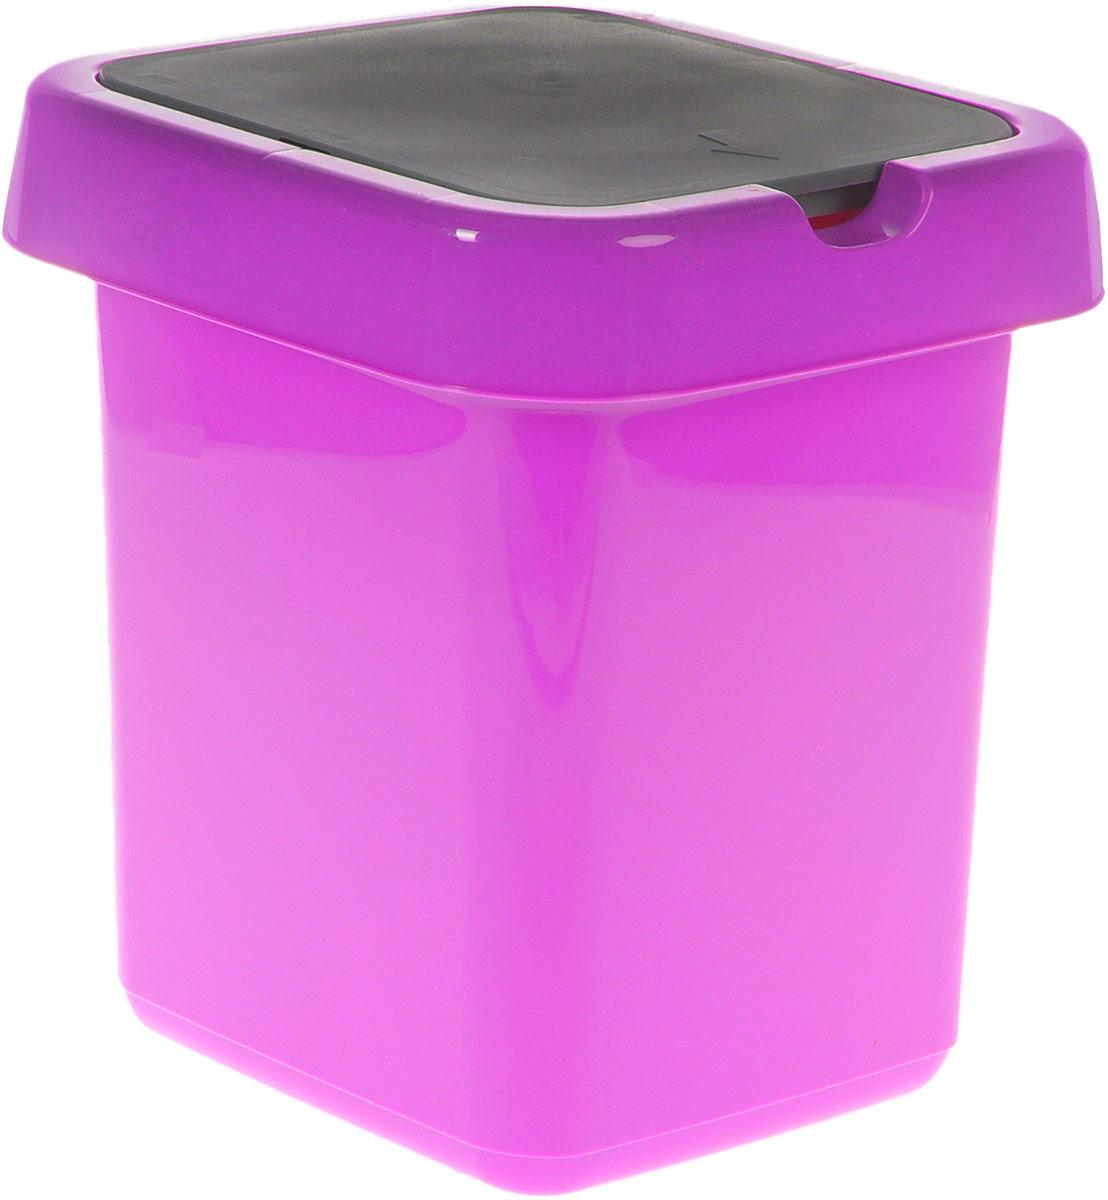 Контейнер для мусора Svip Квадра, цвет: фиолетовый, серый, 9 л529037_желтый, оранжевыйМусорный контейнер Svip Квадра поможет поддержать порядок и чистоту на кухне, в туалетной комнате или в офисе. Изделие, выполненное из полипропилена, не боится ударов и долгих лет использования. Изделие оснащено крышкой с двойным механизмом открывания, что обеспечивает максимально удобное использование: откидной крышкой можно воспользоваться при выбрасывании большого мусора, крышкой-маятником - для мусора меньшего объема. Скрытые борта в корпусе изделия для аккуратного использования одноразовых пакетов и сохранения эстетики изделия. Съемная верхняя часть контейнера обеспечивает удобство извлечения накопившегося мусора. Эстетика изделия превращает необходимый предмет кухни или туалетной комнаты в стильное дополнение к интерьеру. Его легкость и прочность оптимально решают проблему сбора мусора.